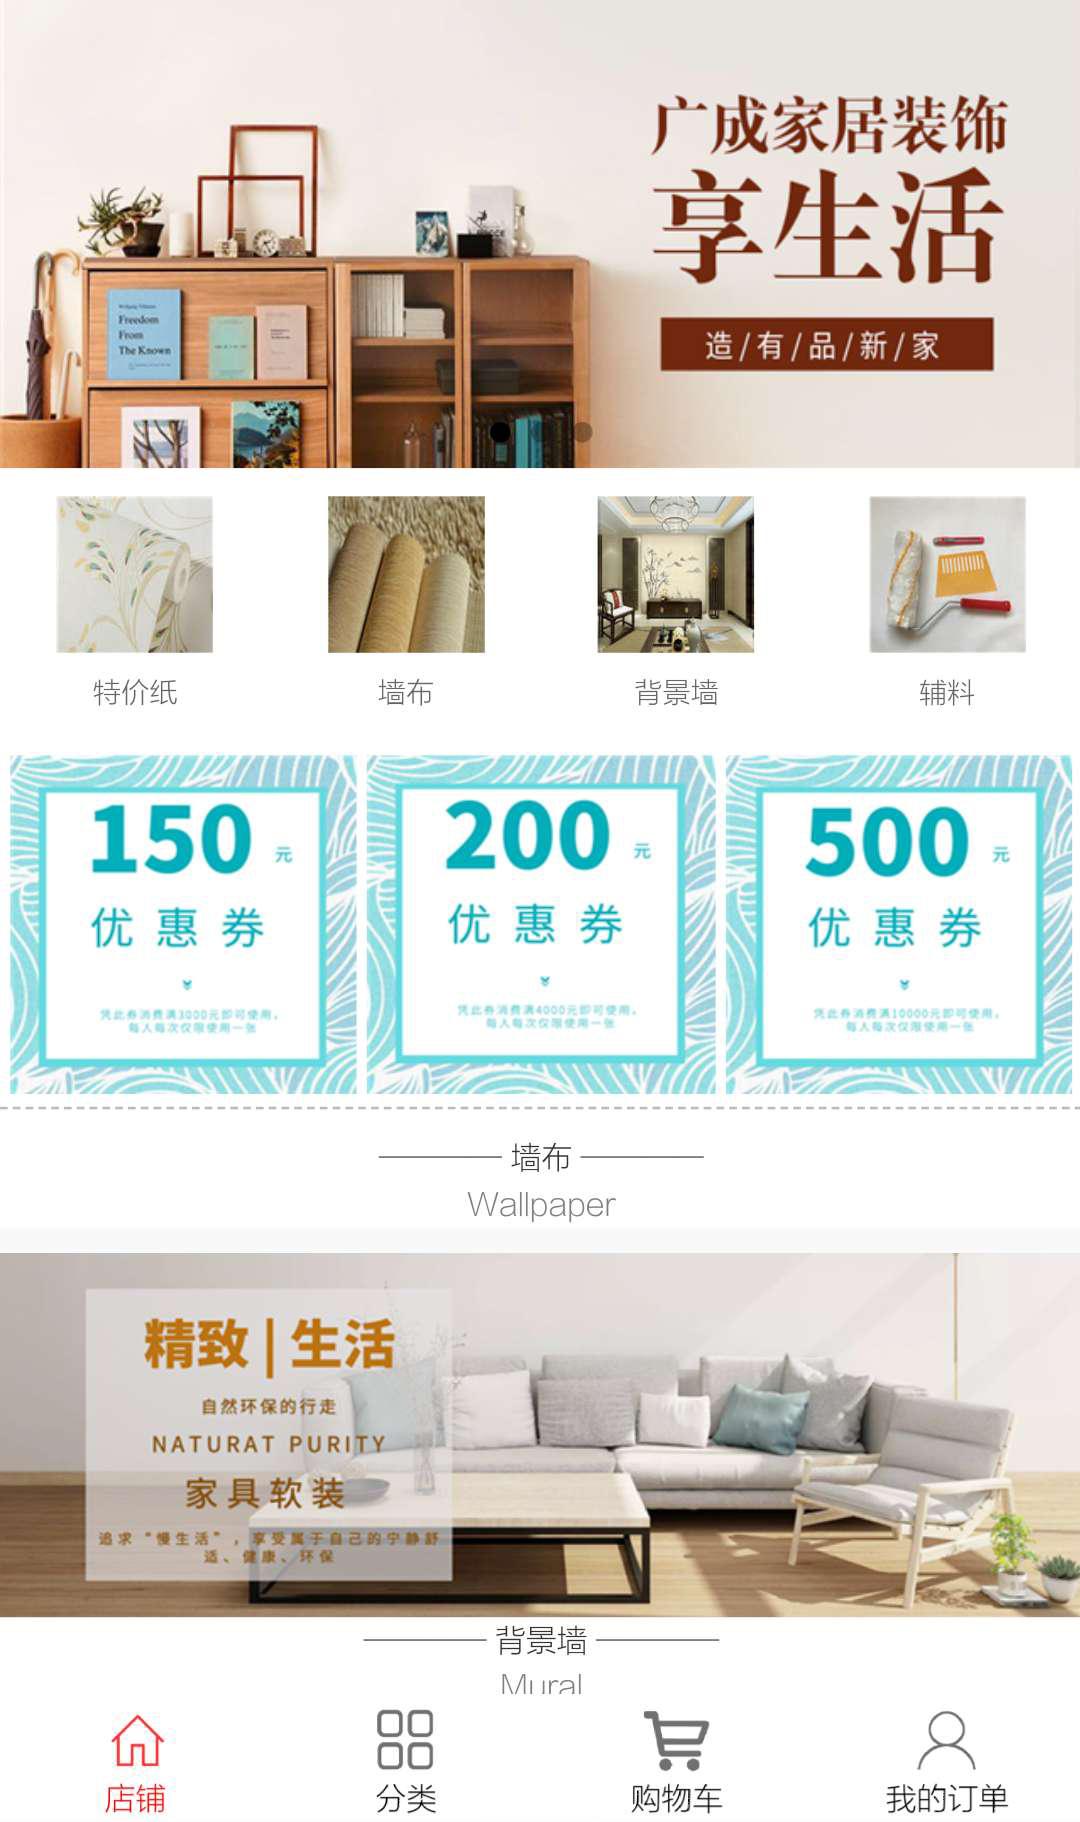 微信广成家居装饰小程序效果图预览